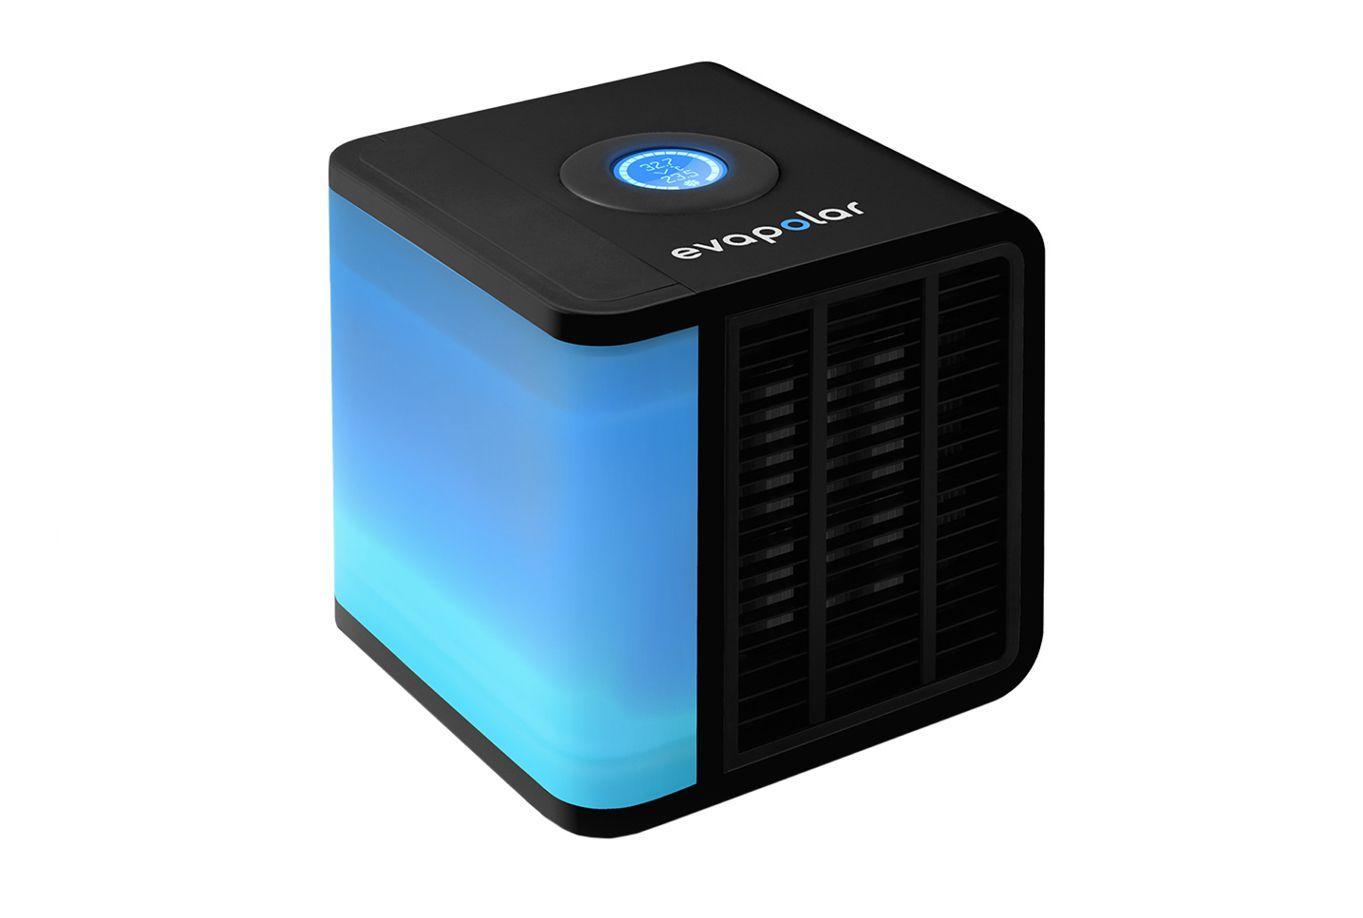 Evapolar Personal Evaporative Air Cooler